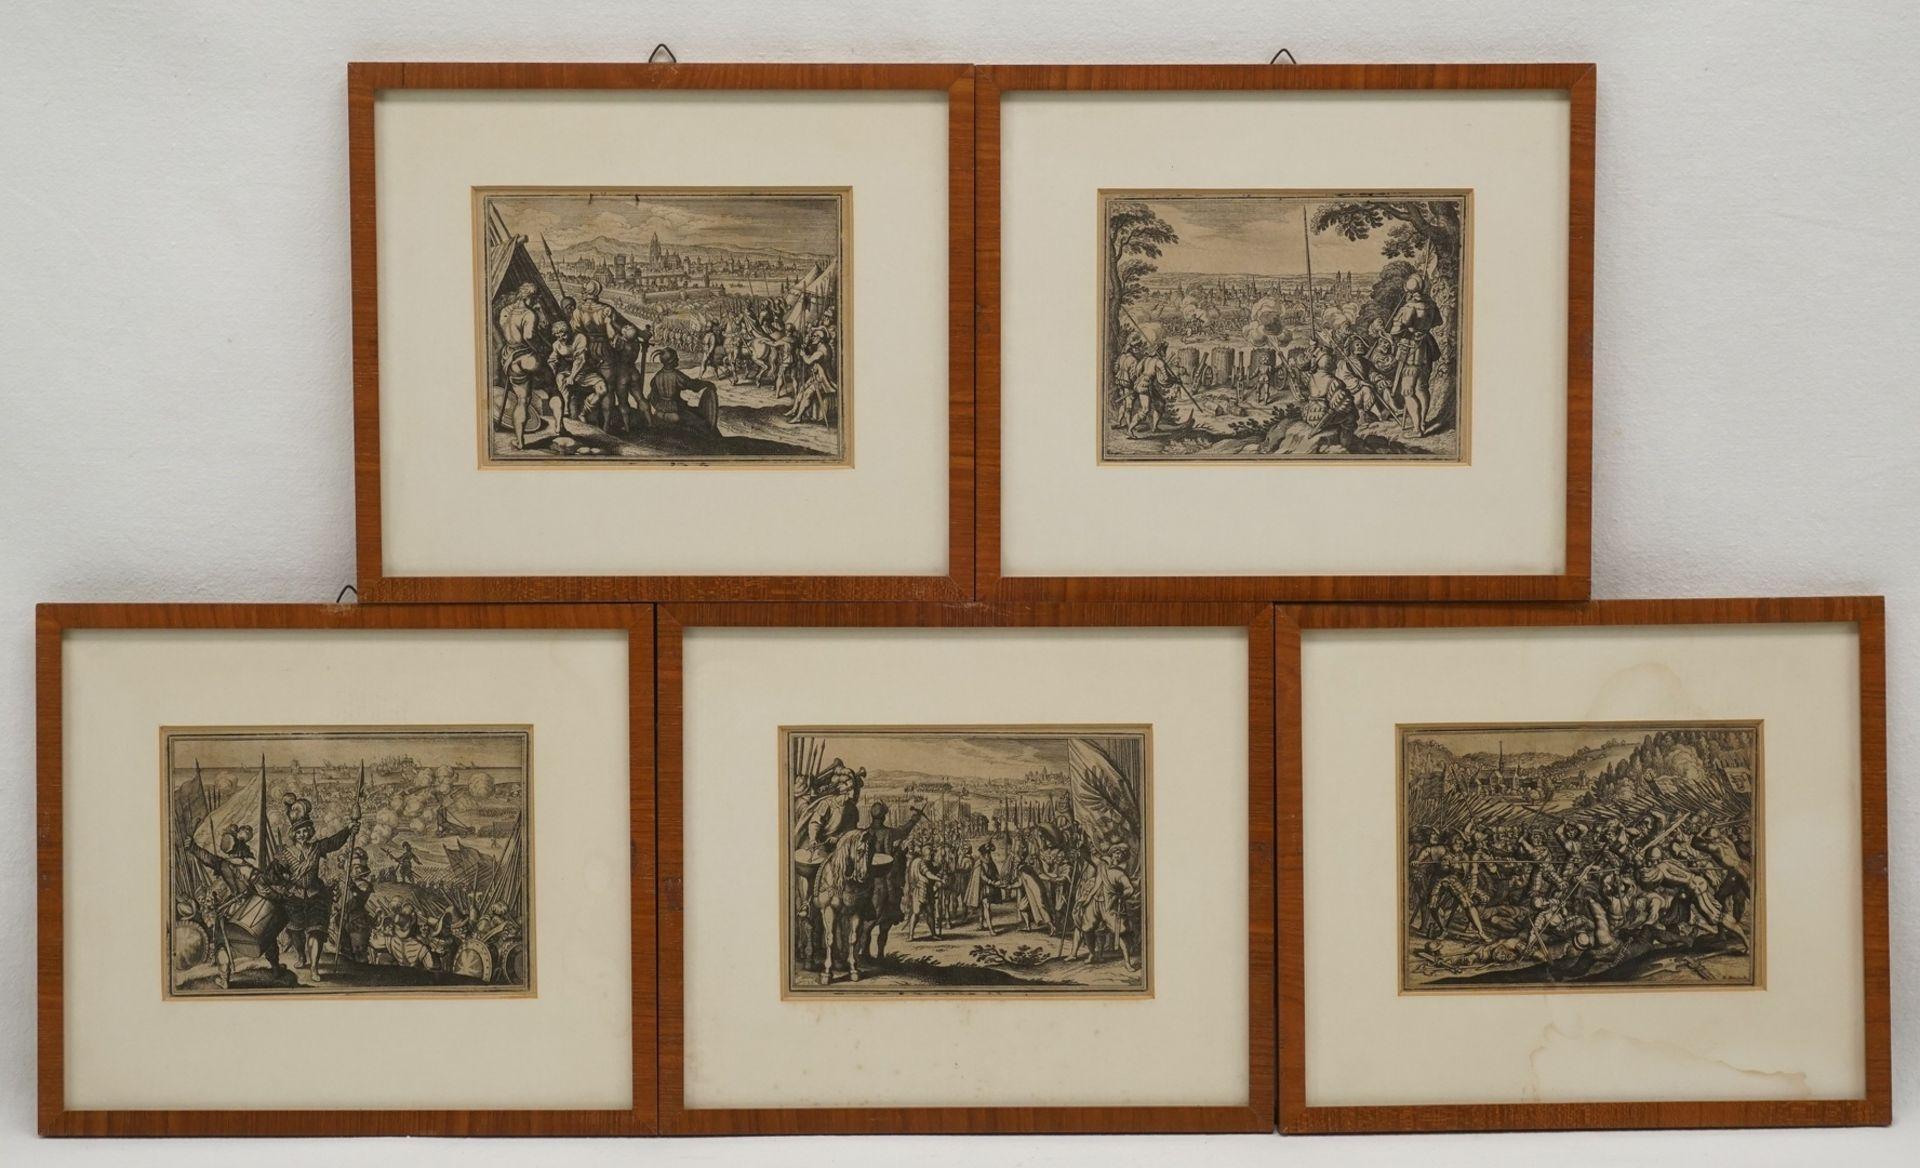 Matthäus Merian, Fünf Kupferstiche mit Schlachtenszenen